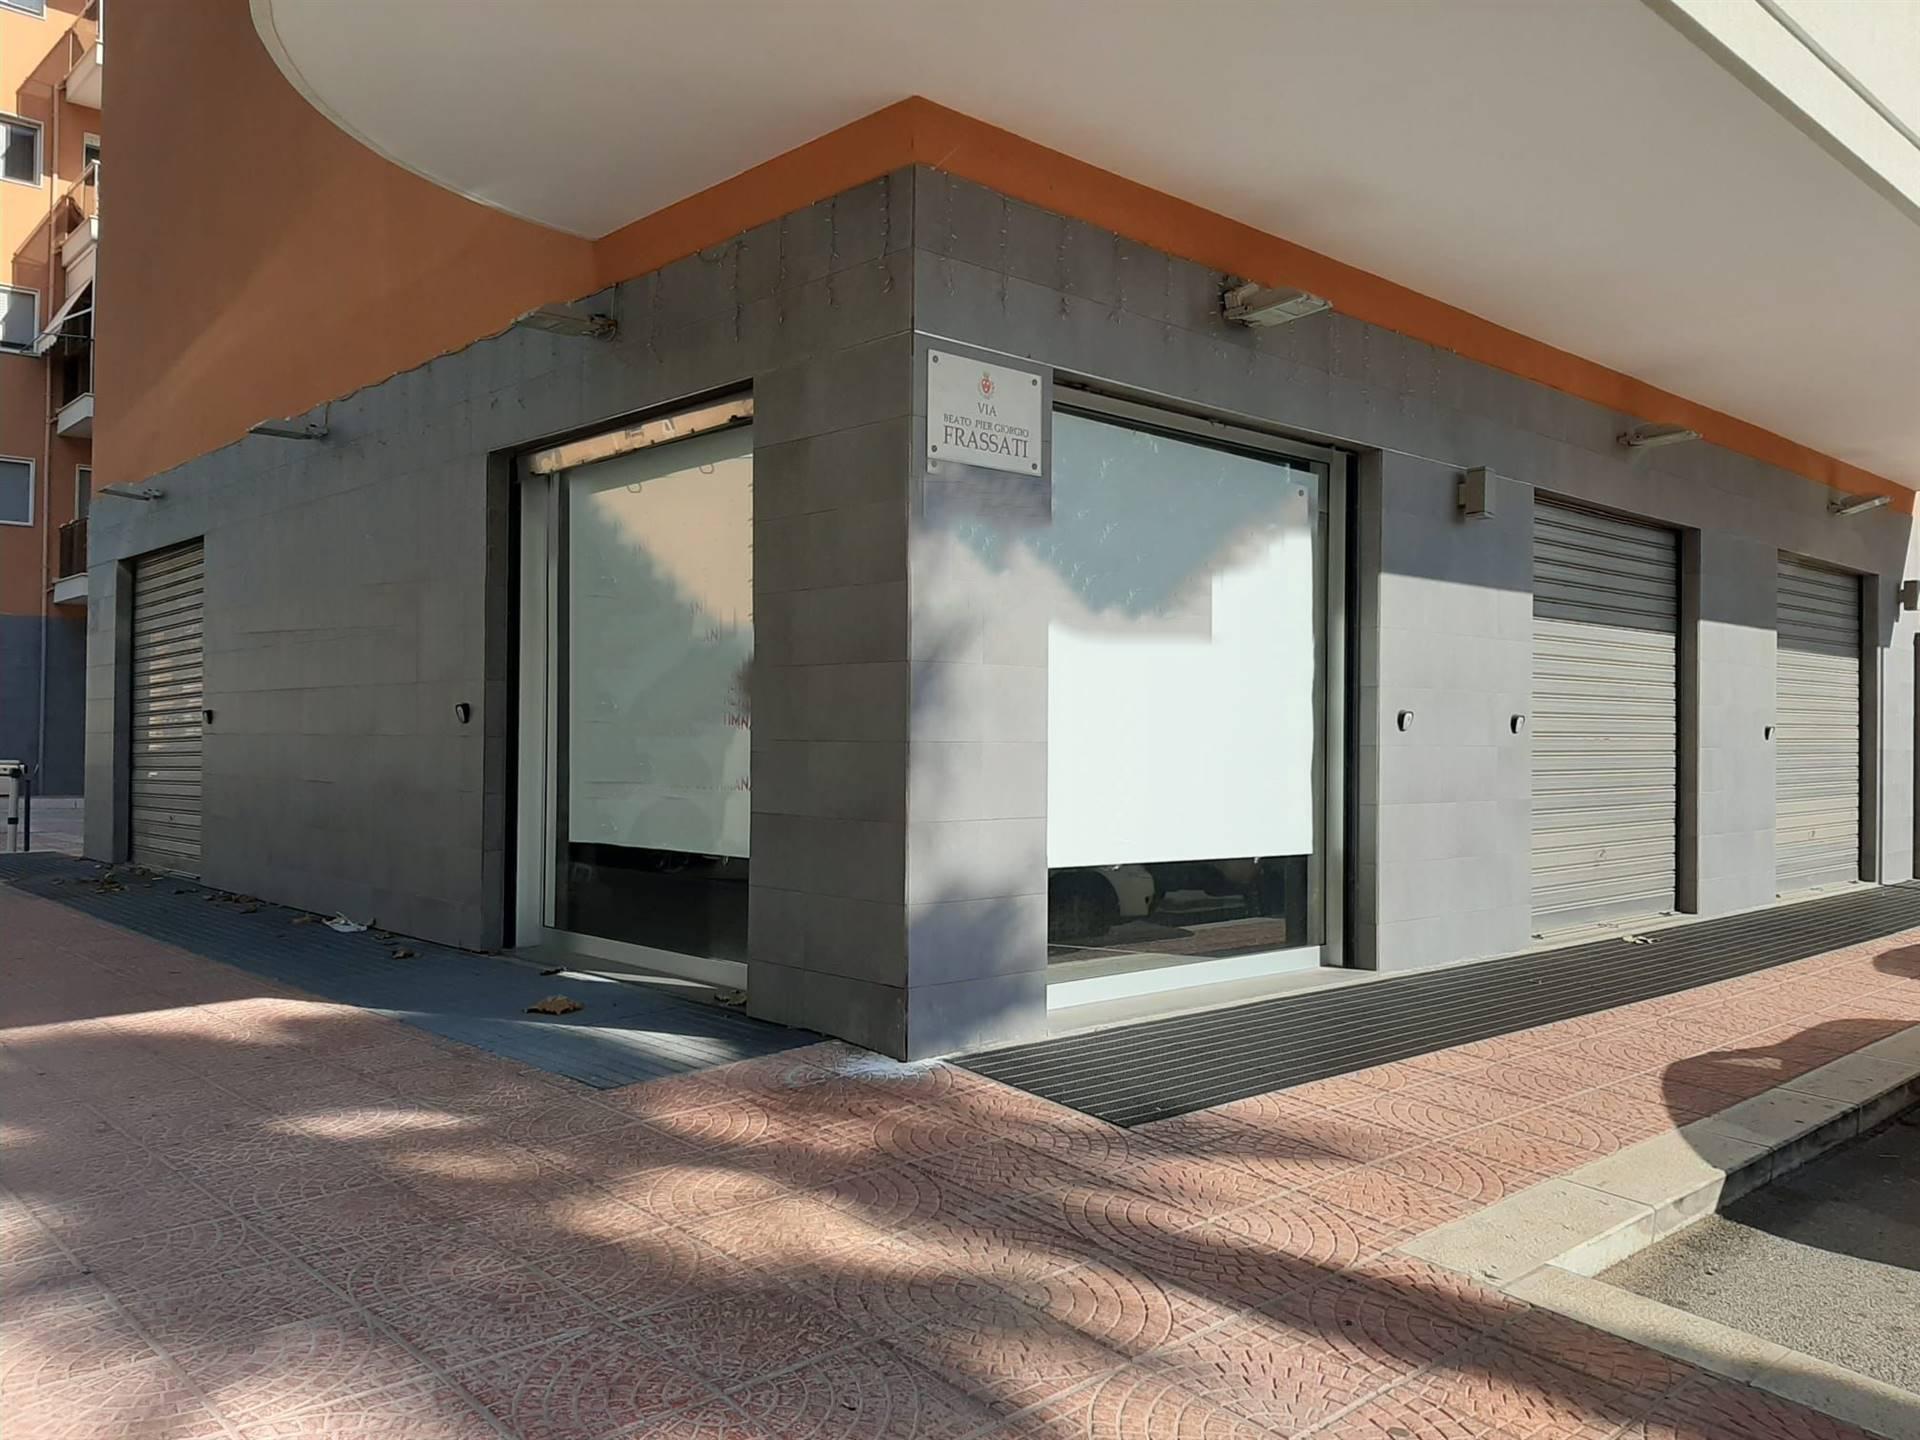 Immobile Commerciale in affitto a Monopoli, 2 locali, prezzo € 2.500 | CambioCasa.it